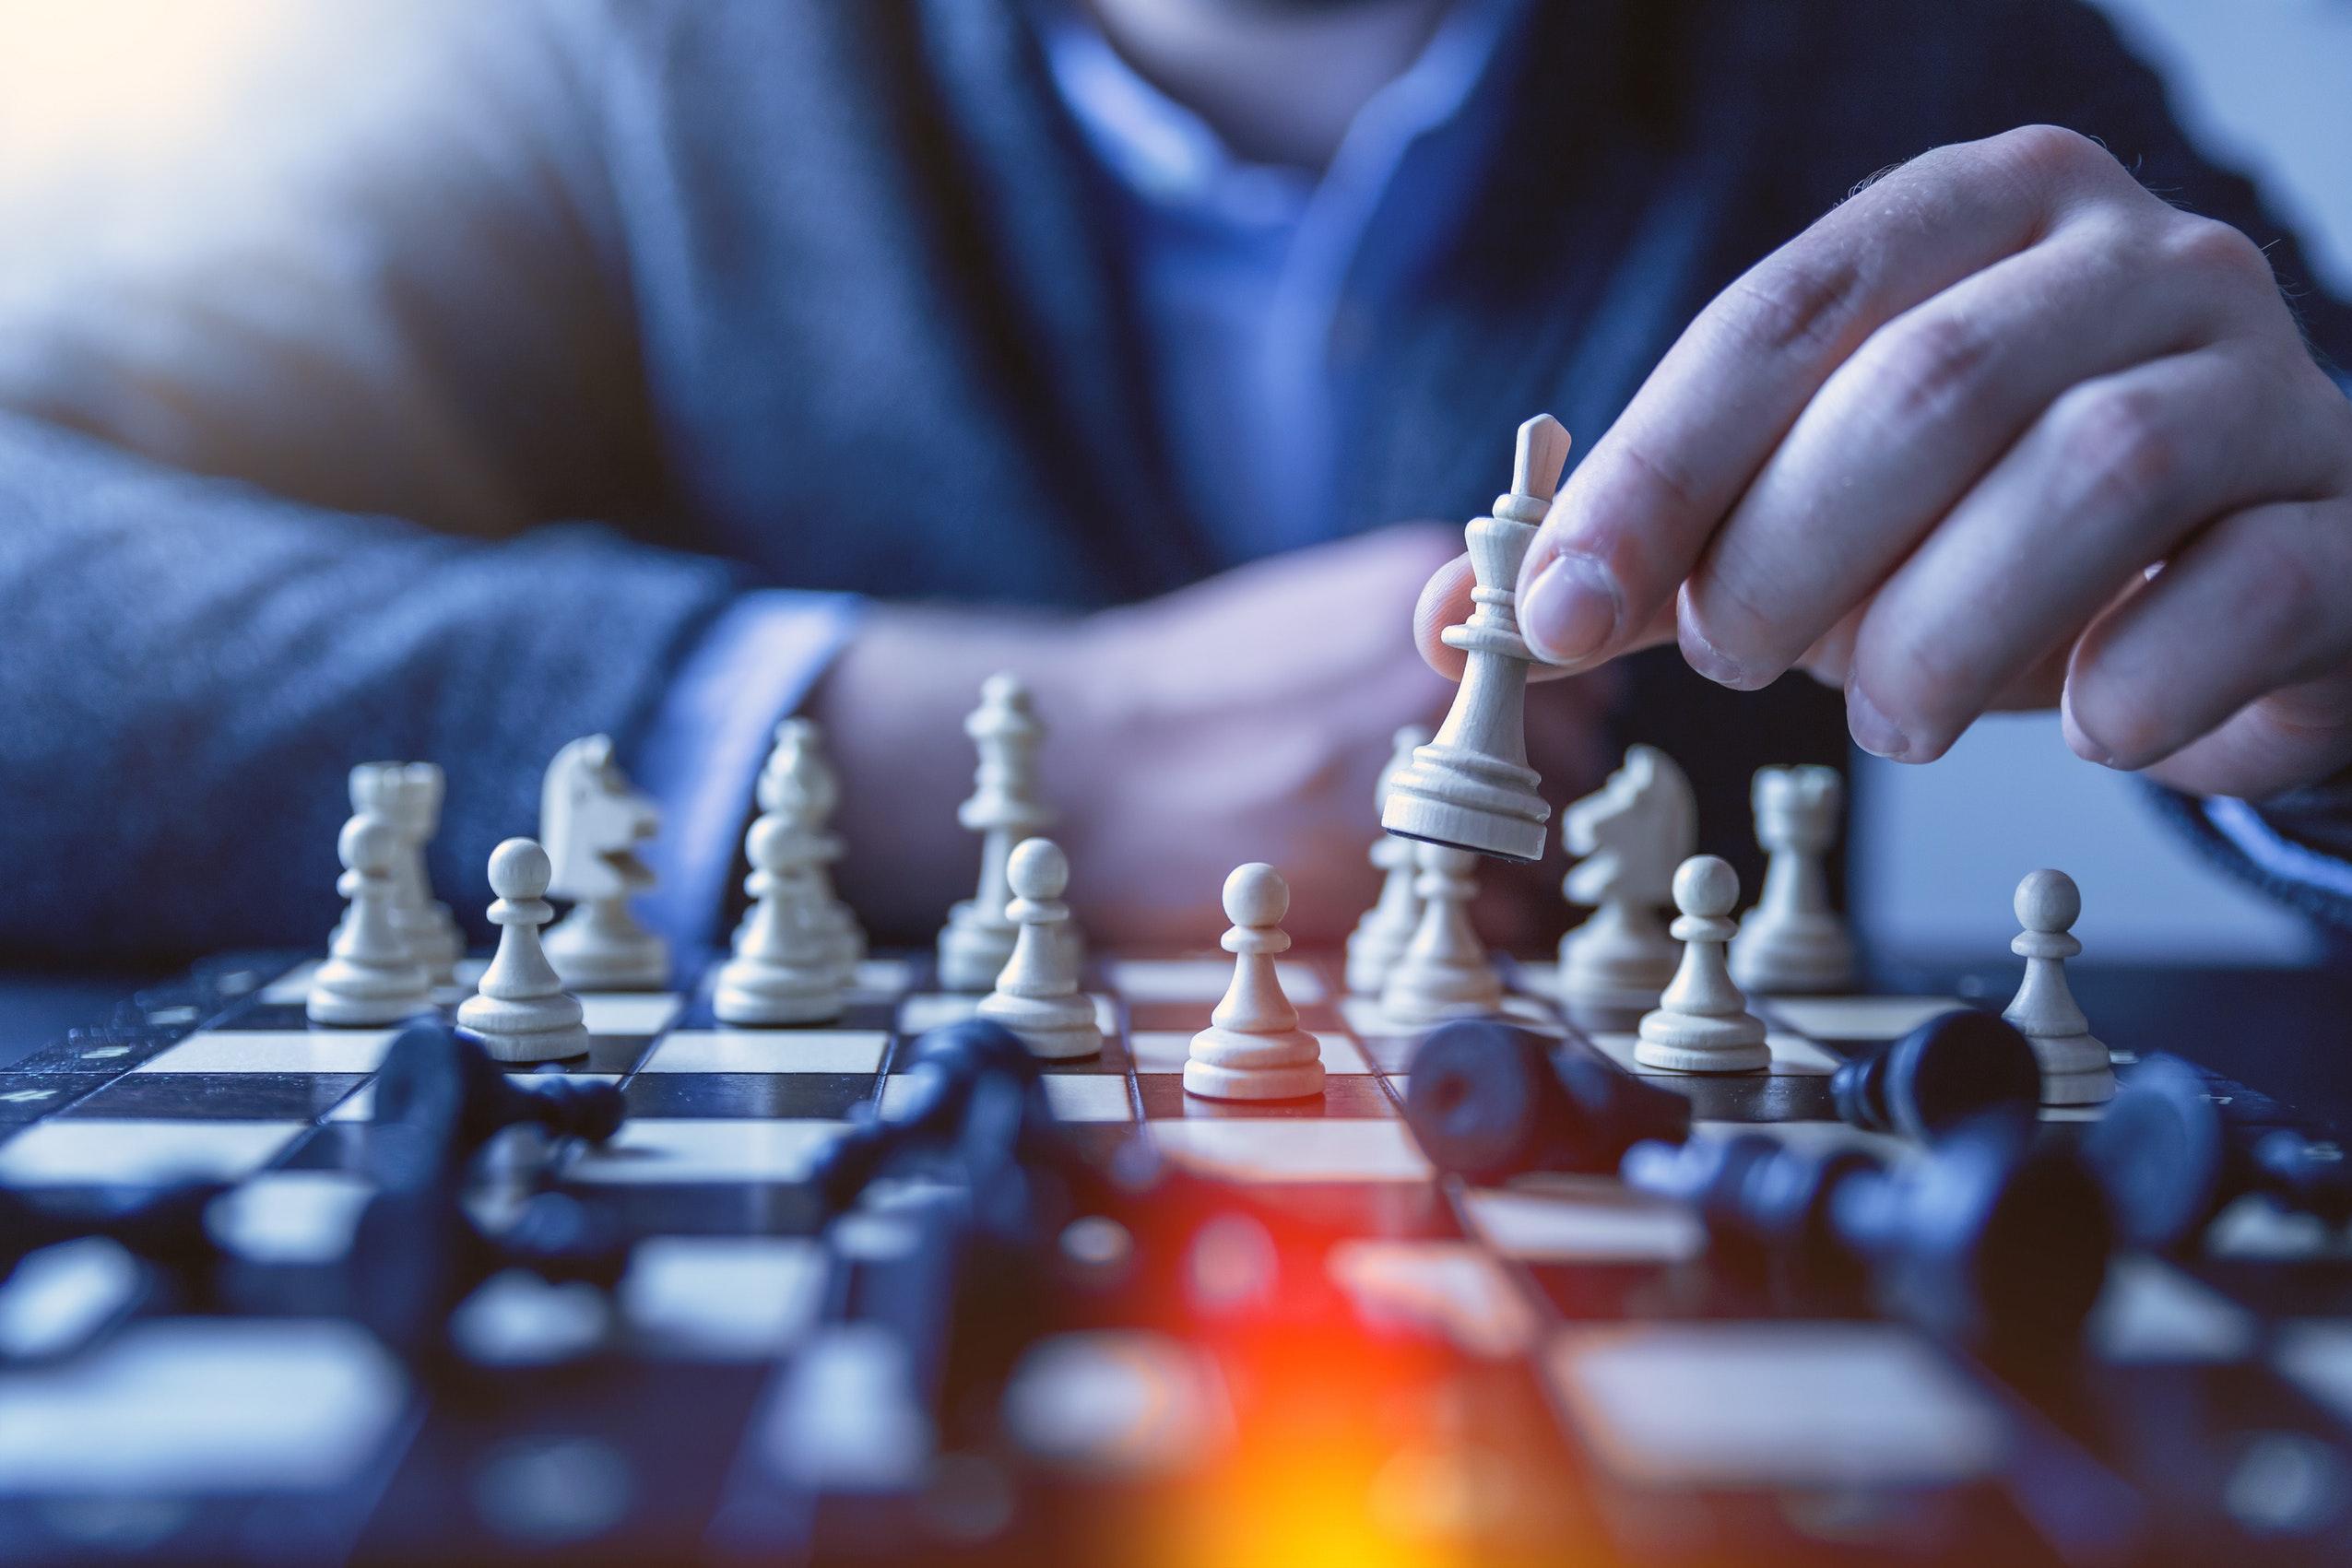 Chiến lược kinh doanh quyết định sự thành công hay thất bại của doanh nghiệp